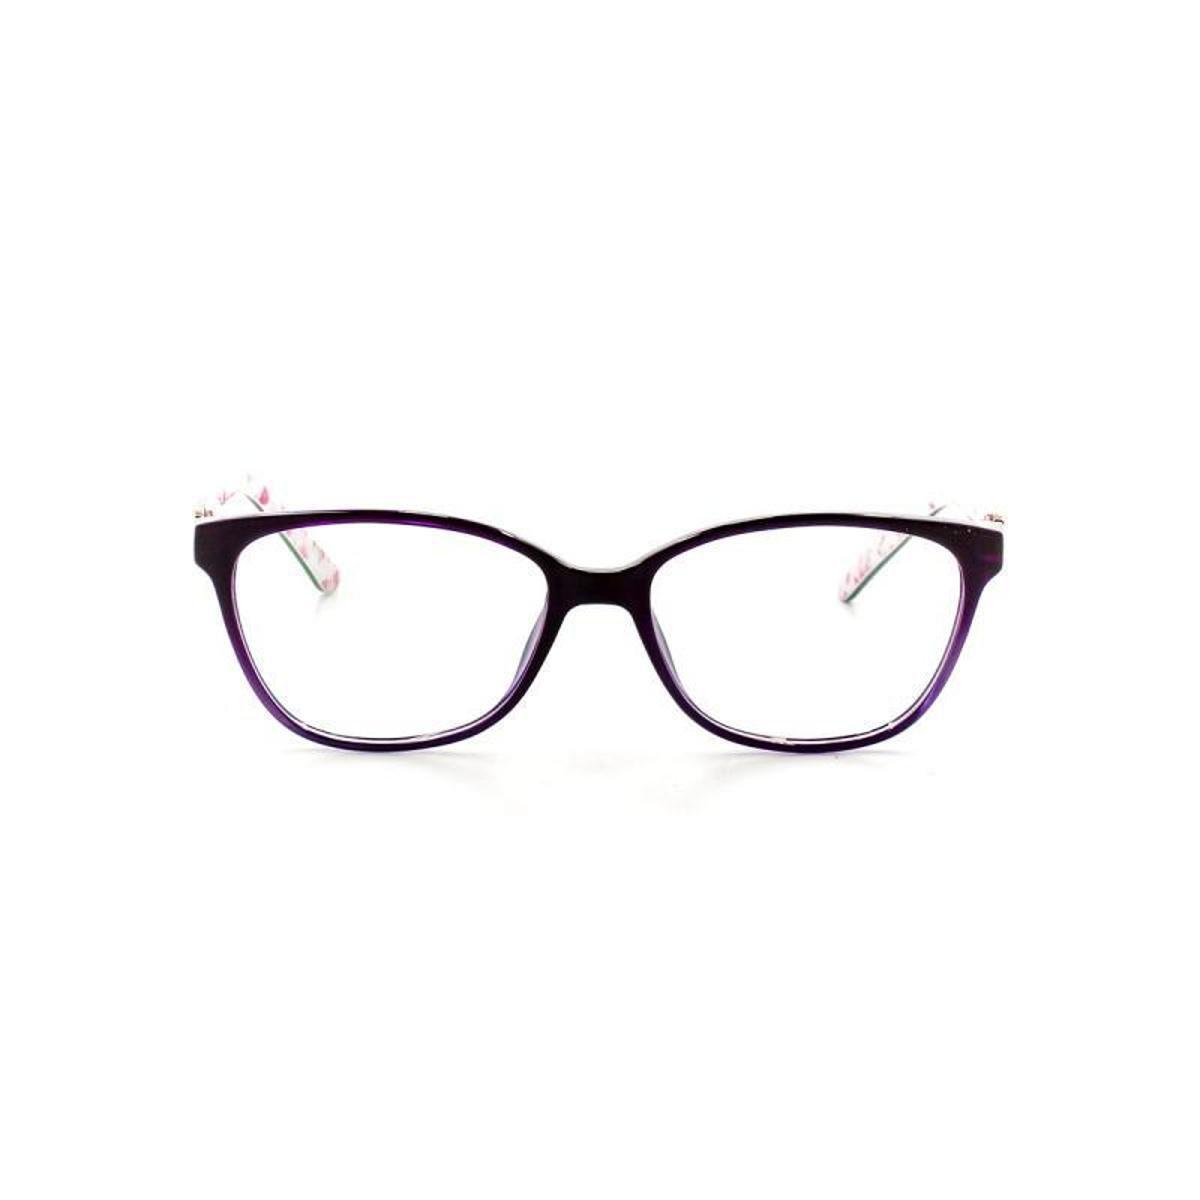 030be3b564b55 Armação De Óculos De Grau Cannes 2290 T 52 C 7 Feminino - Compre ...